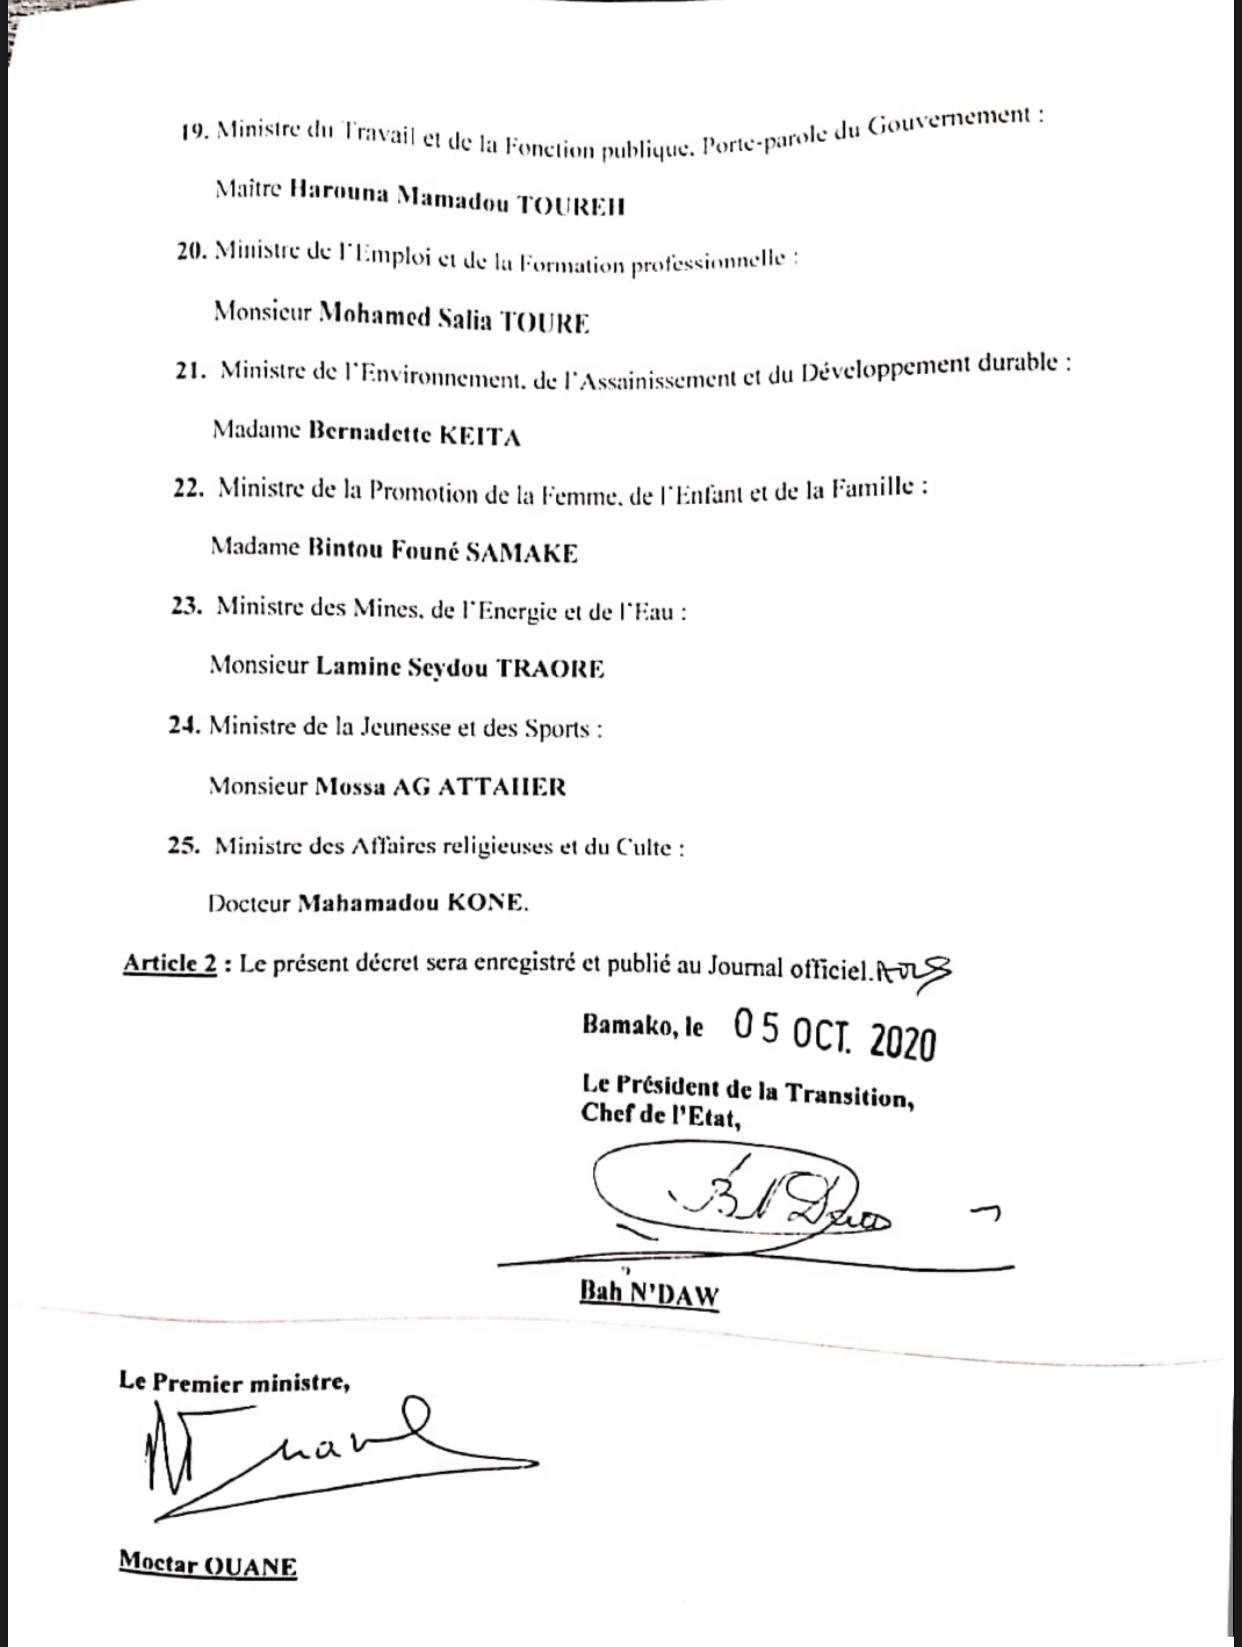 MALI : Le président de la transition Bah Ndaw nomme un nouveau Gouvernement. (DOCUMENT/LISTE)